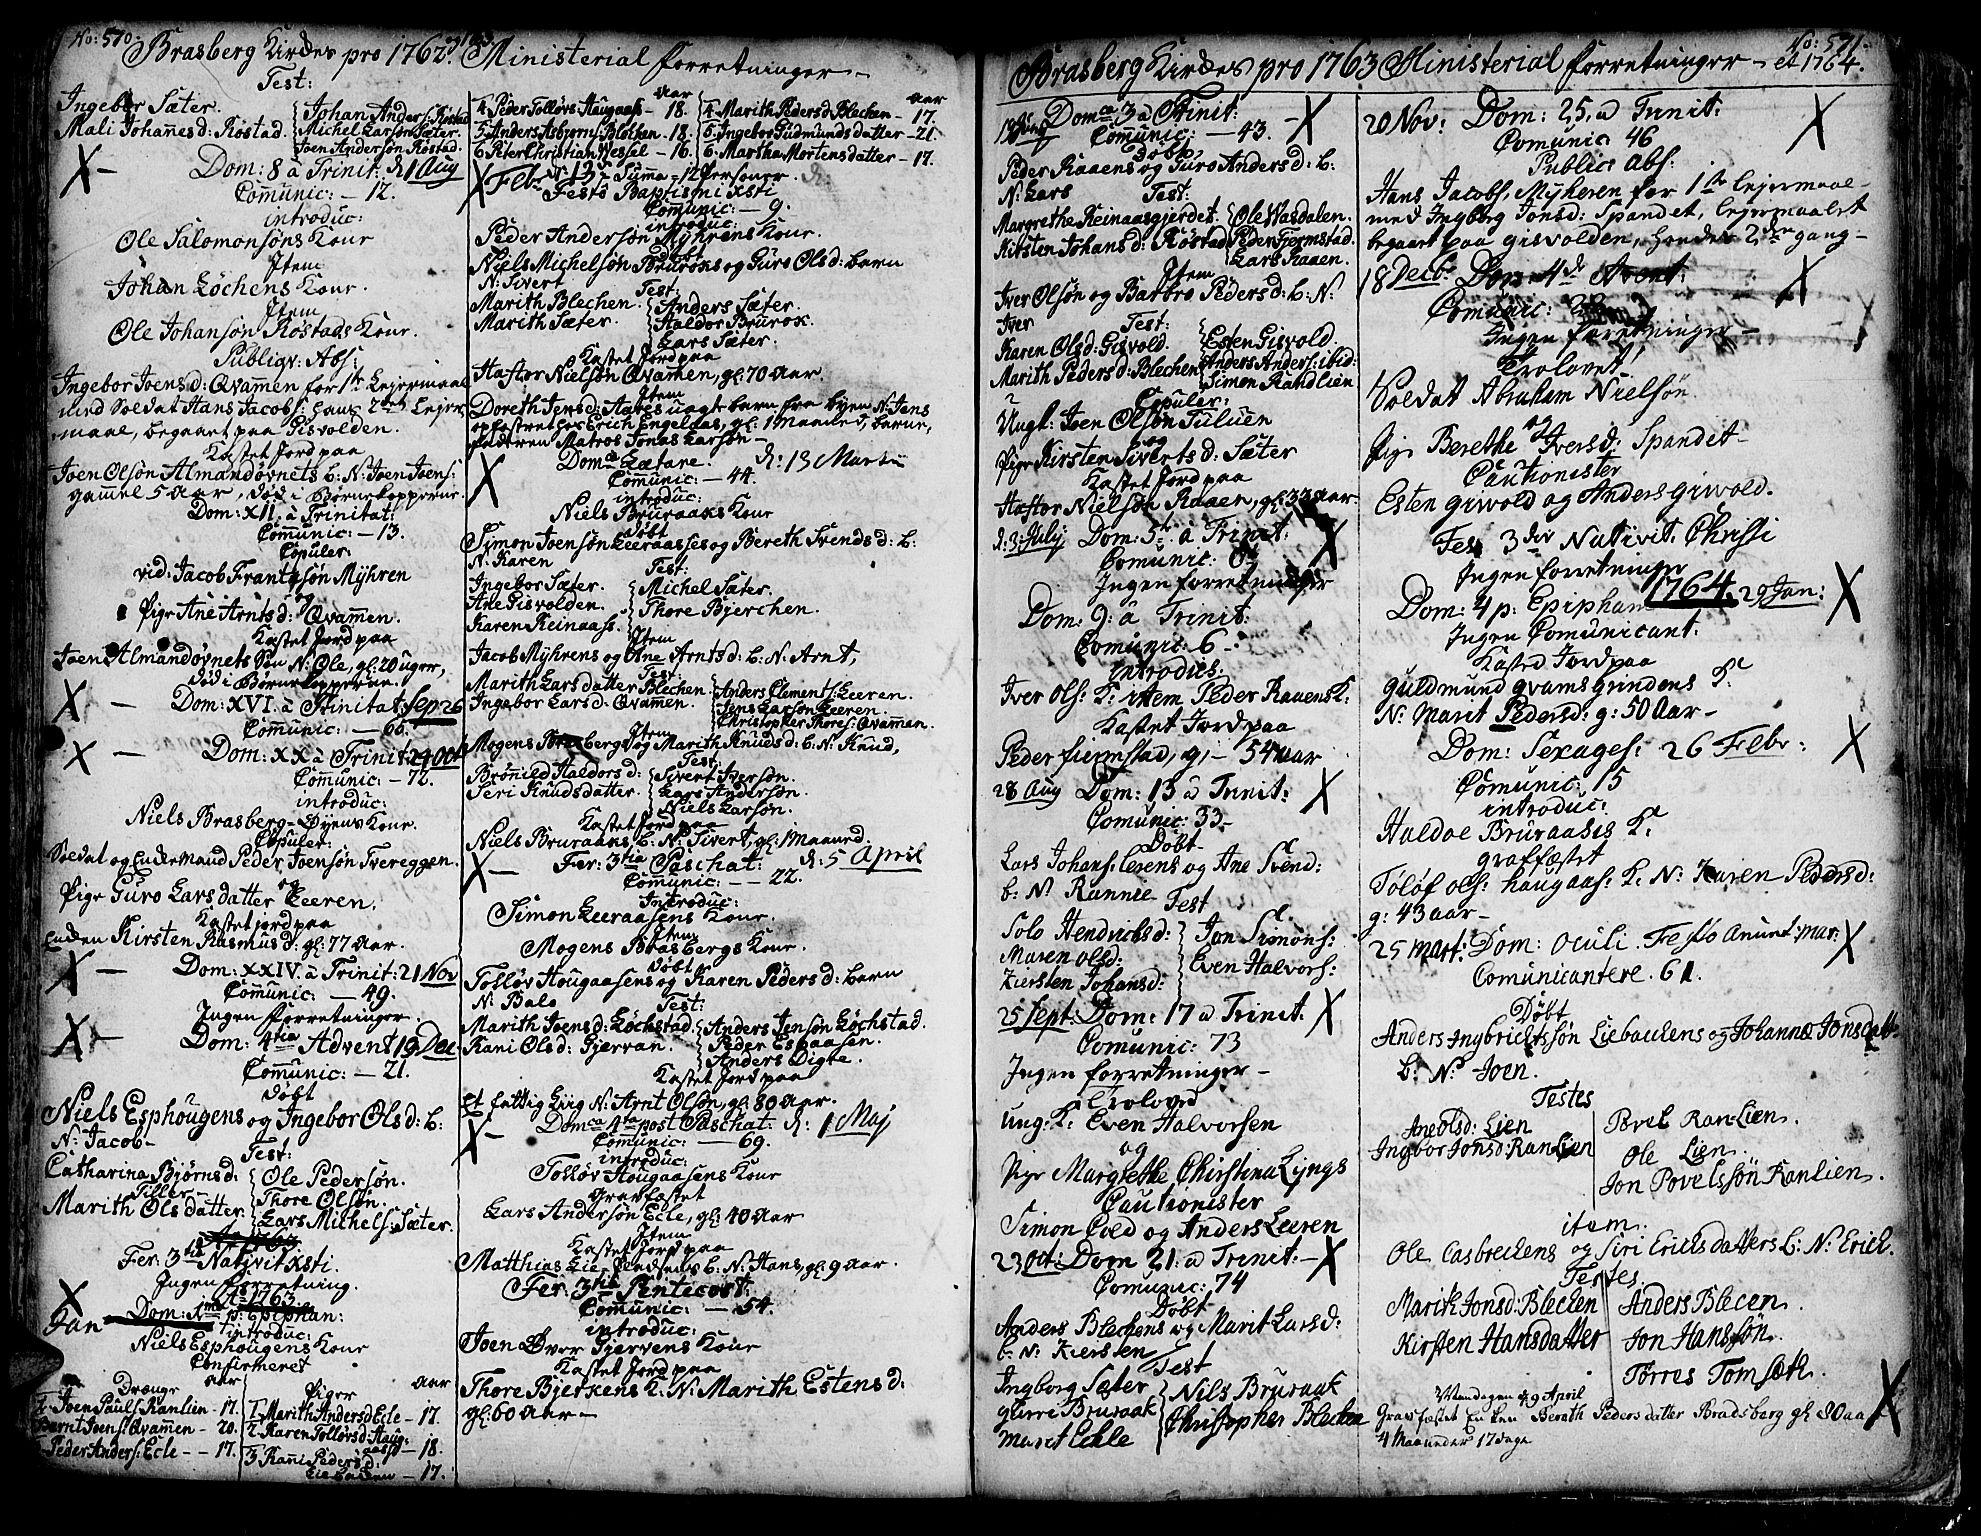 SAT, Ministerialprotokoller, klokkerbøker og fødselsregistre - Sør-Trøndelag, 606/L0278: Ministerialbok nr. 606A01 /4, 1727-1780, s. 570-571